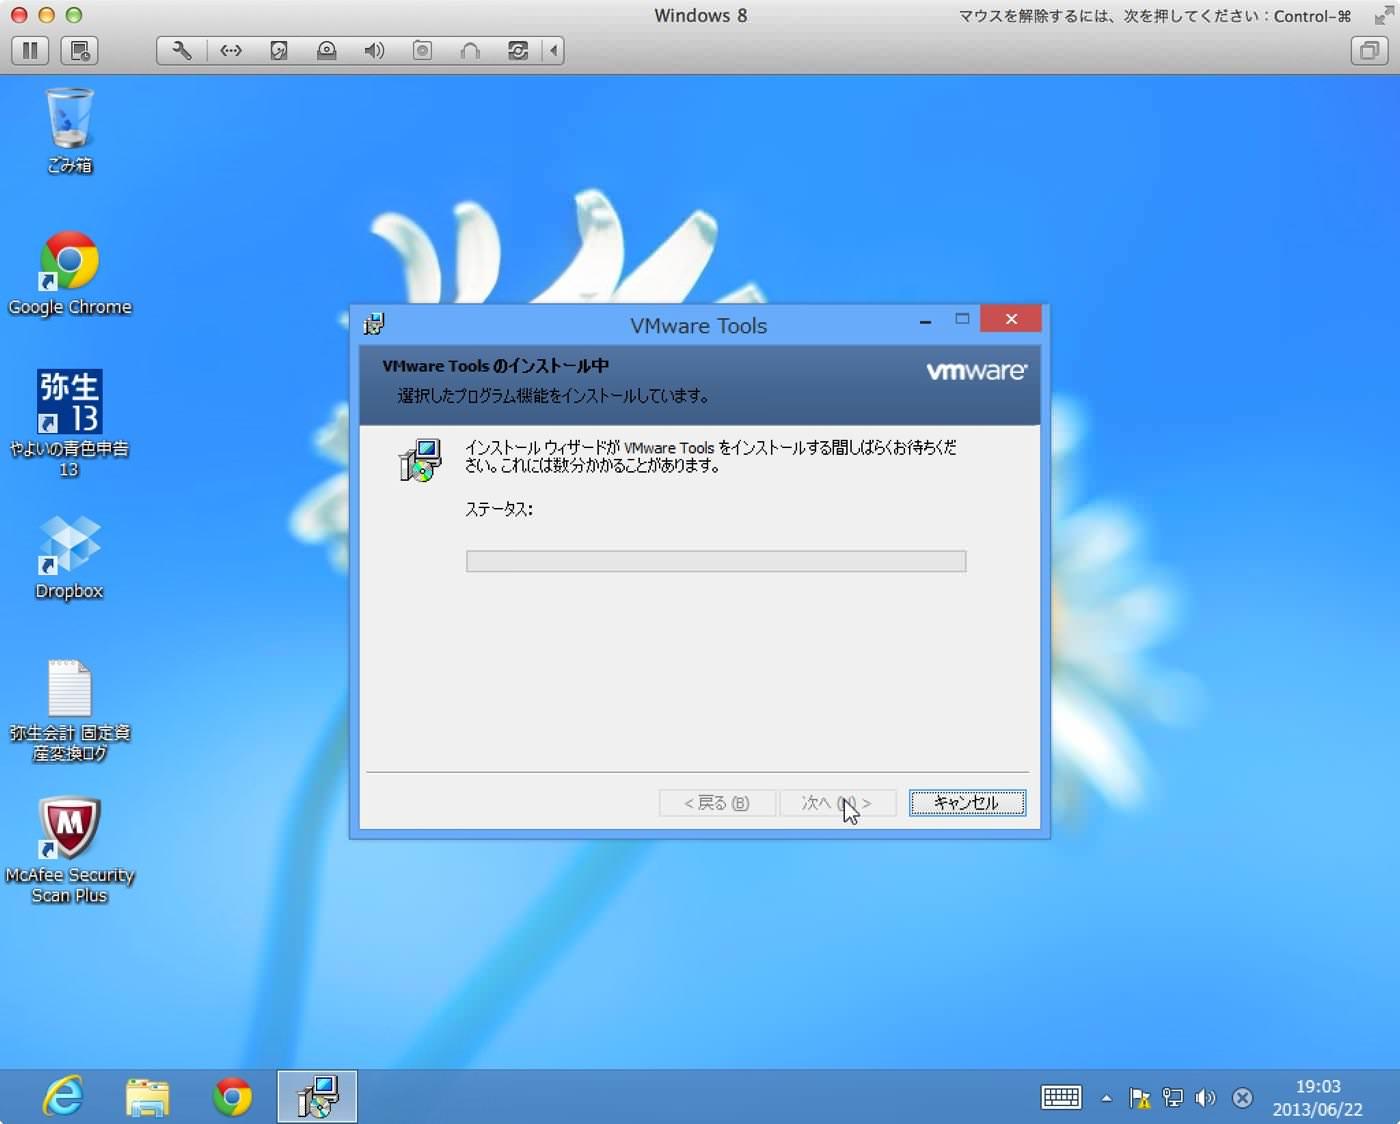 Vmware toolsのインストール中